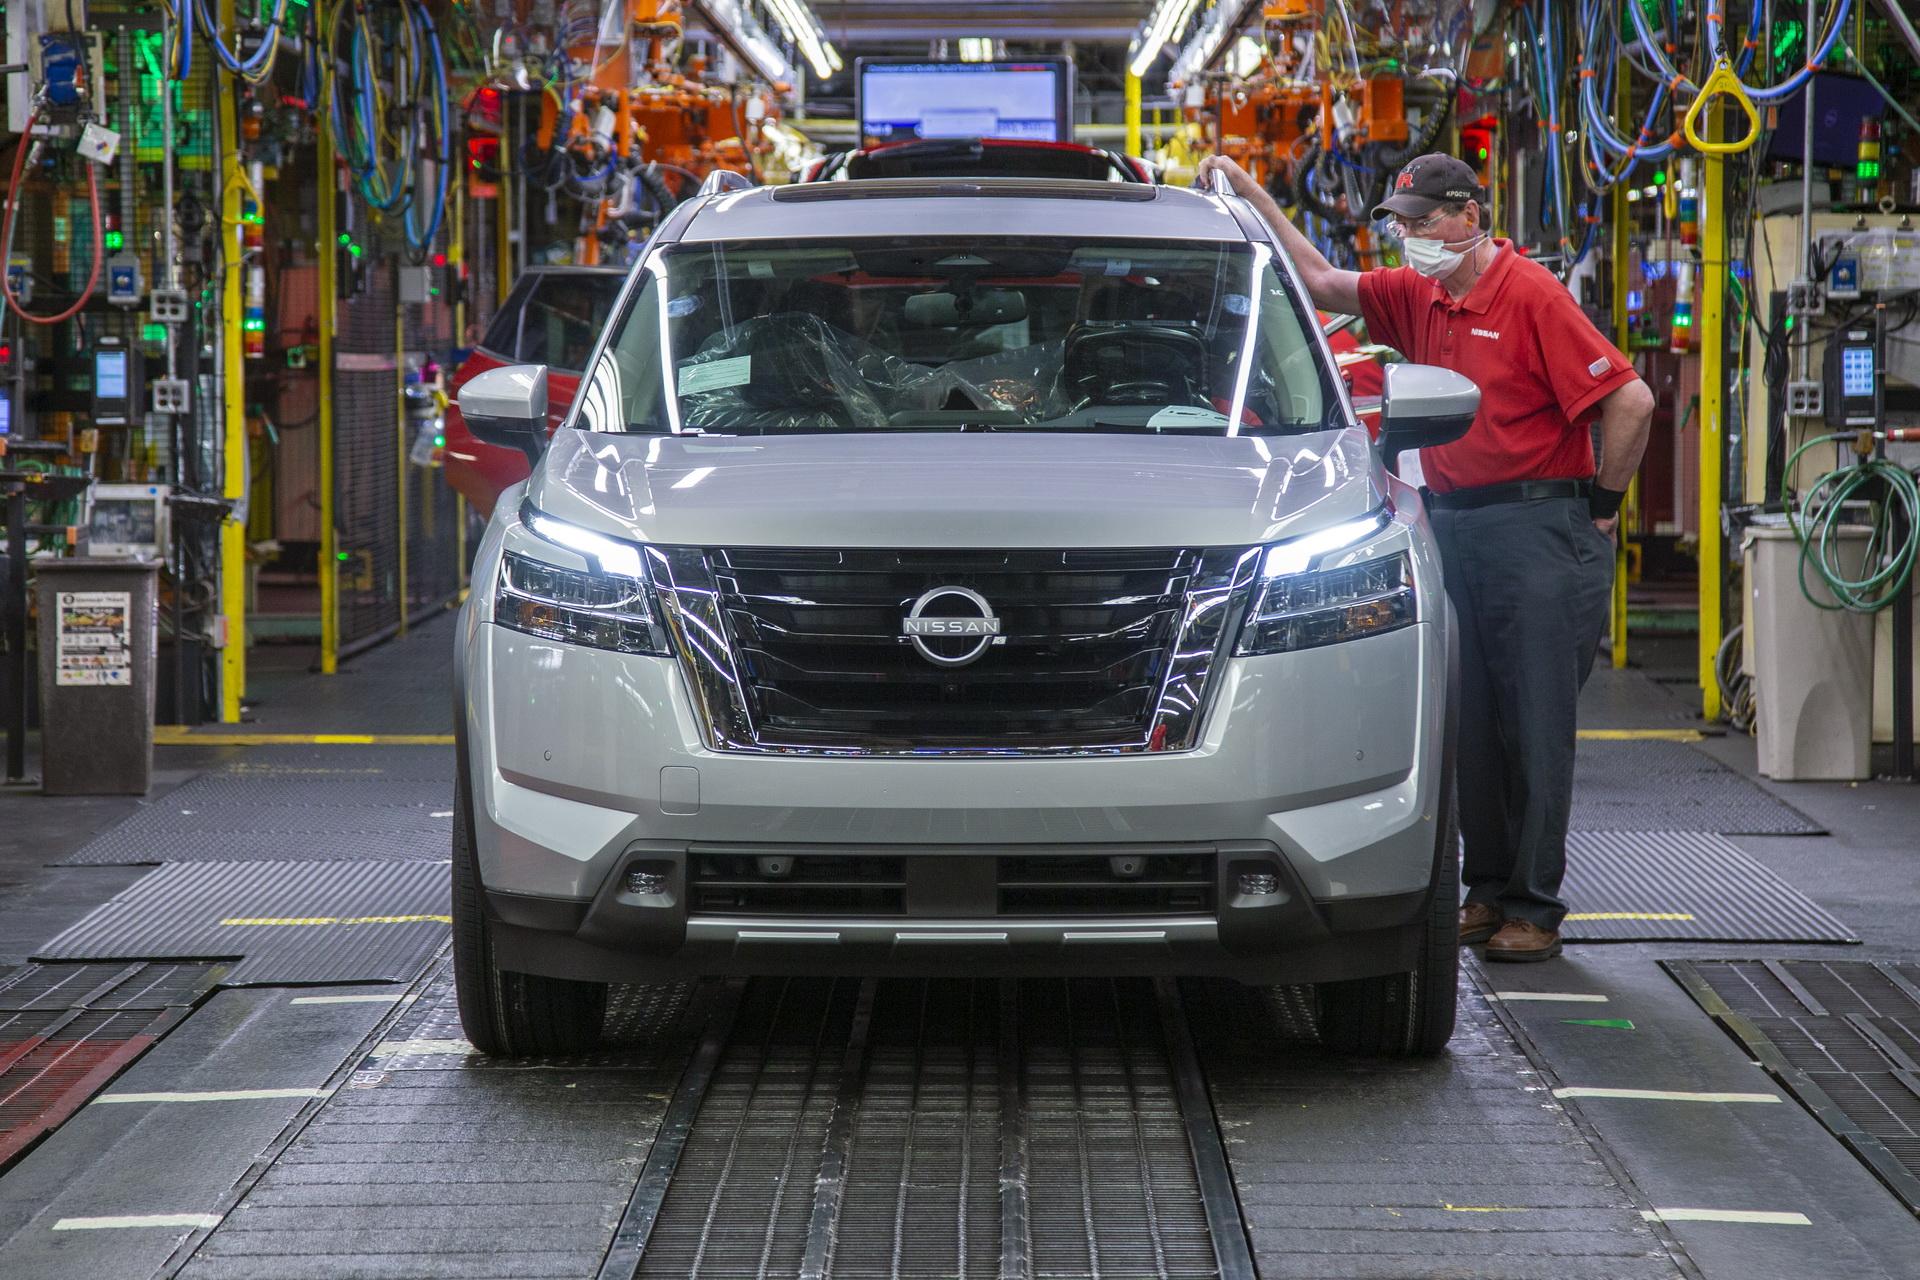 Nissan Pathfinder 2022 bắt đầu sản xuất, đàn anh của X-Trail 2022-nissan-pathfinder-01.jpg